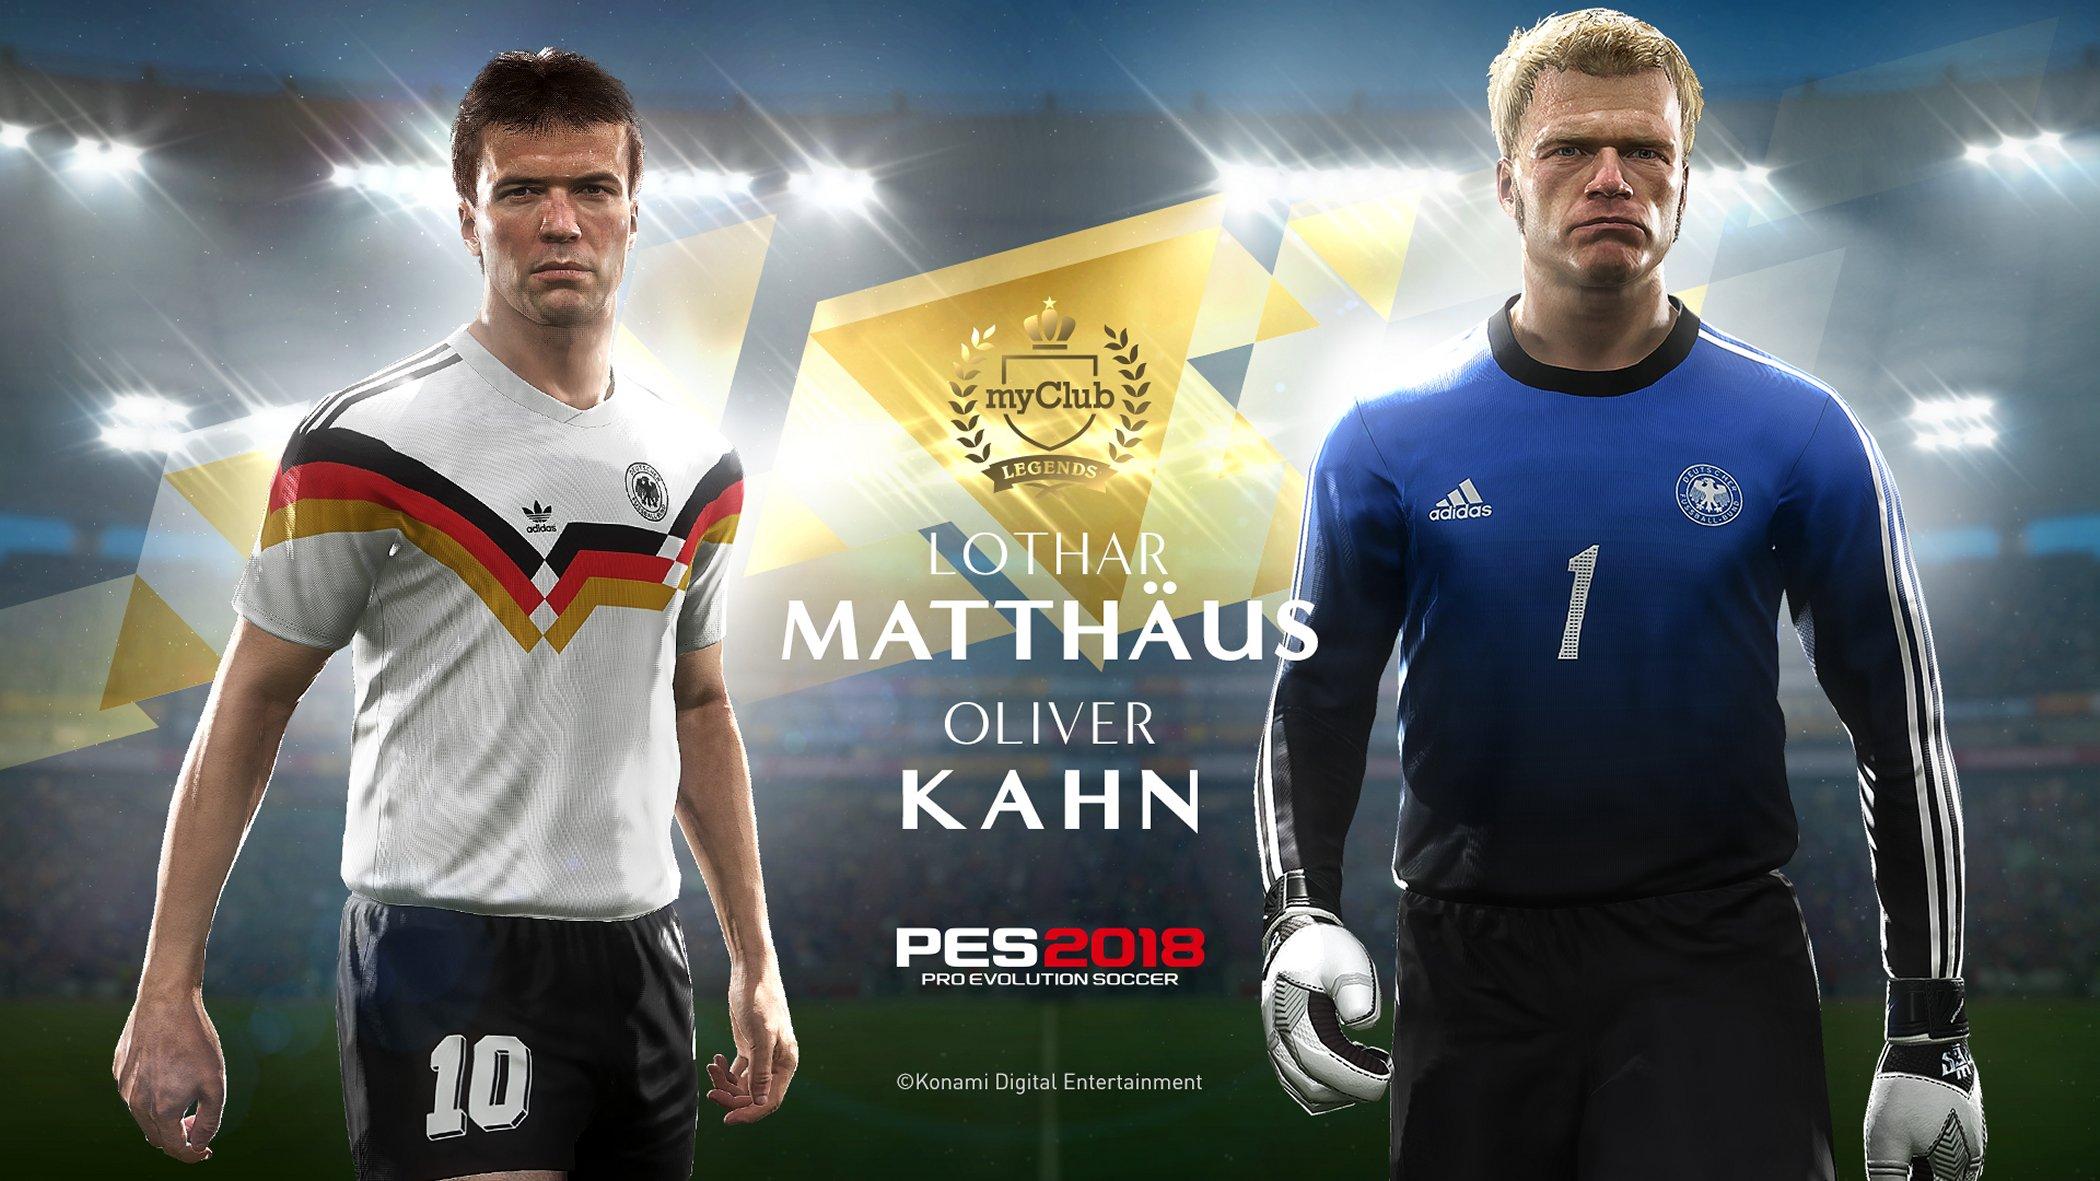 Pes 2018 Test Release Lizenzen Deutsche Teams Alle Infos Pc Dvd Rom Pro Evolution Soccer Premium Edition Reklame Jetzt Bei Amazon Bestellen 61 Bilder Quelle Konami